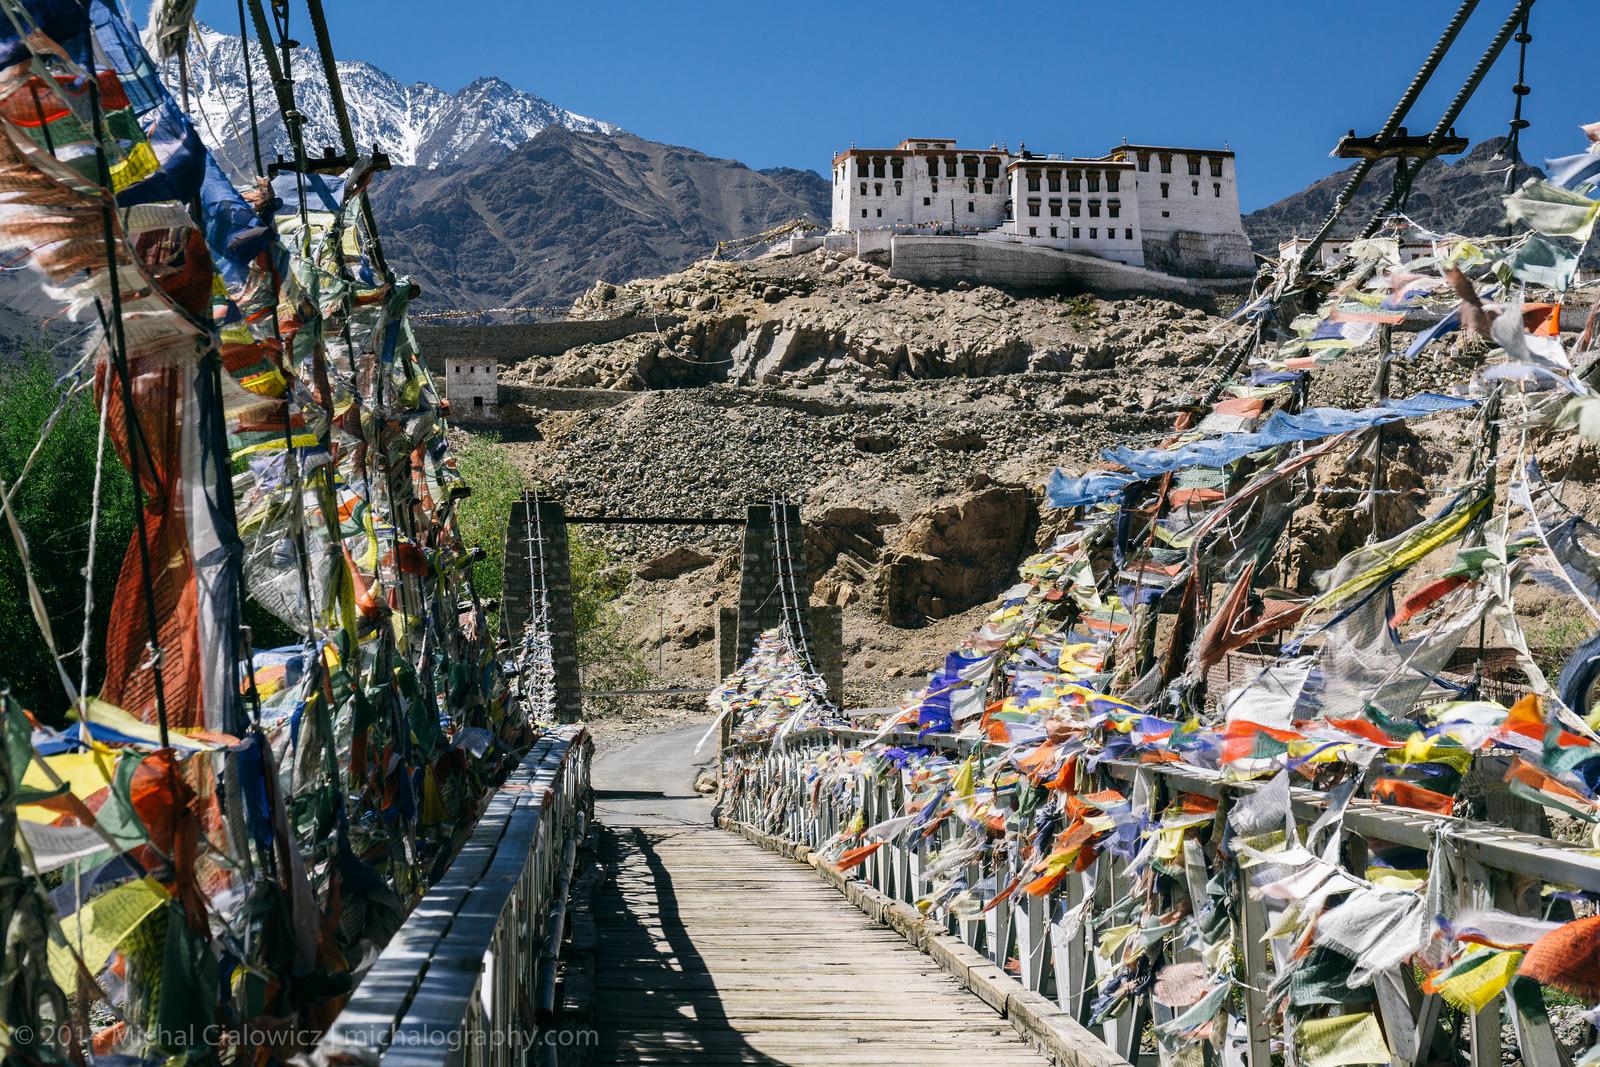 Stakna Gompa, Ladakh, India (Sony A6000 + 16-70mm f/4 OSS)